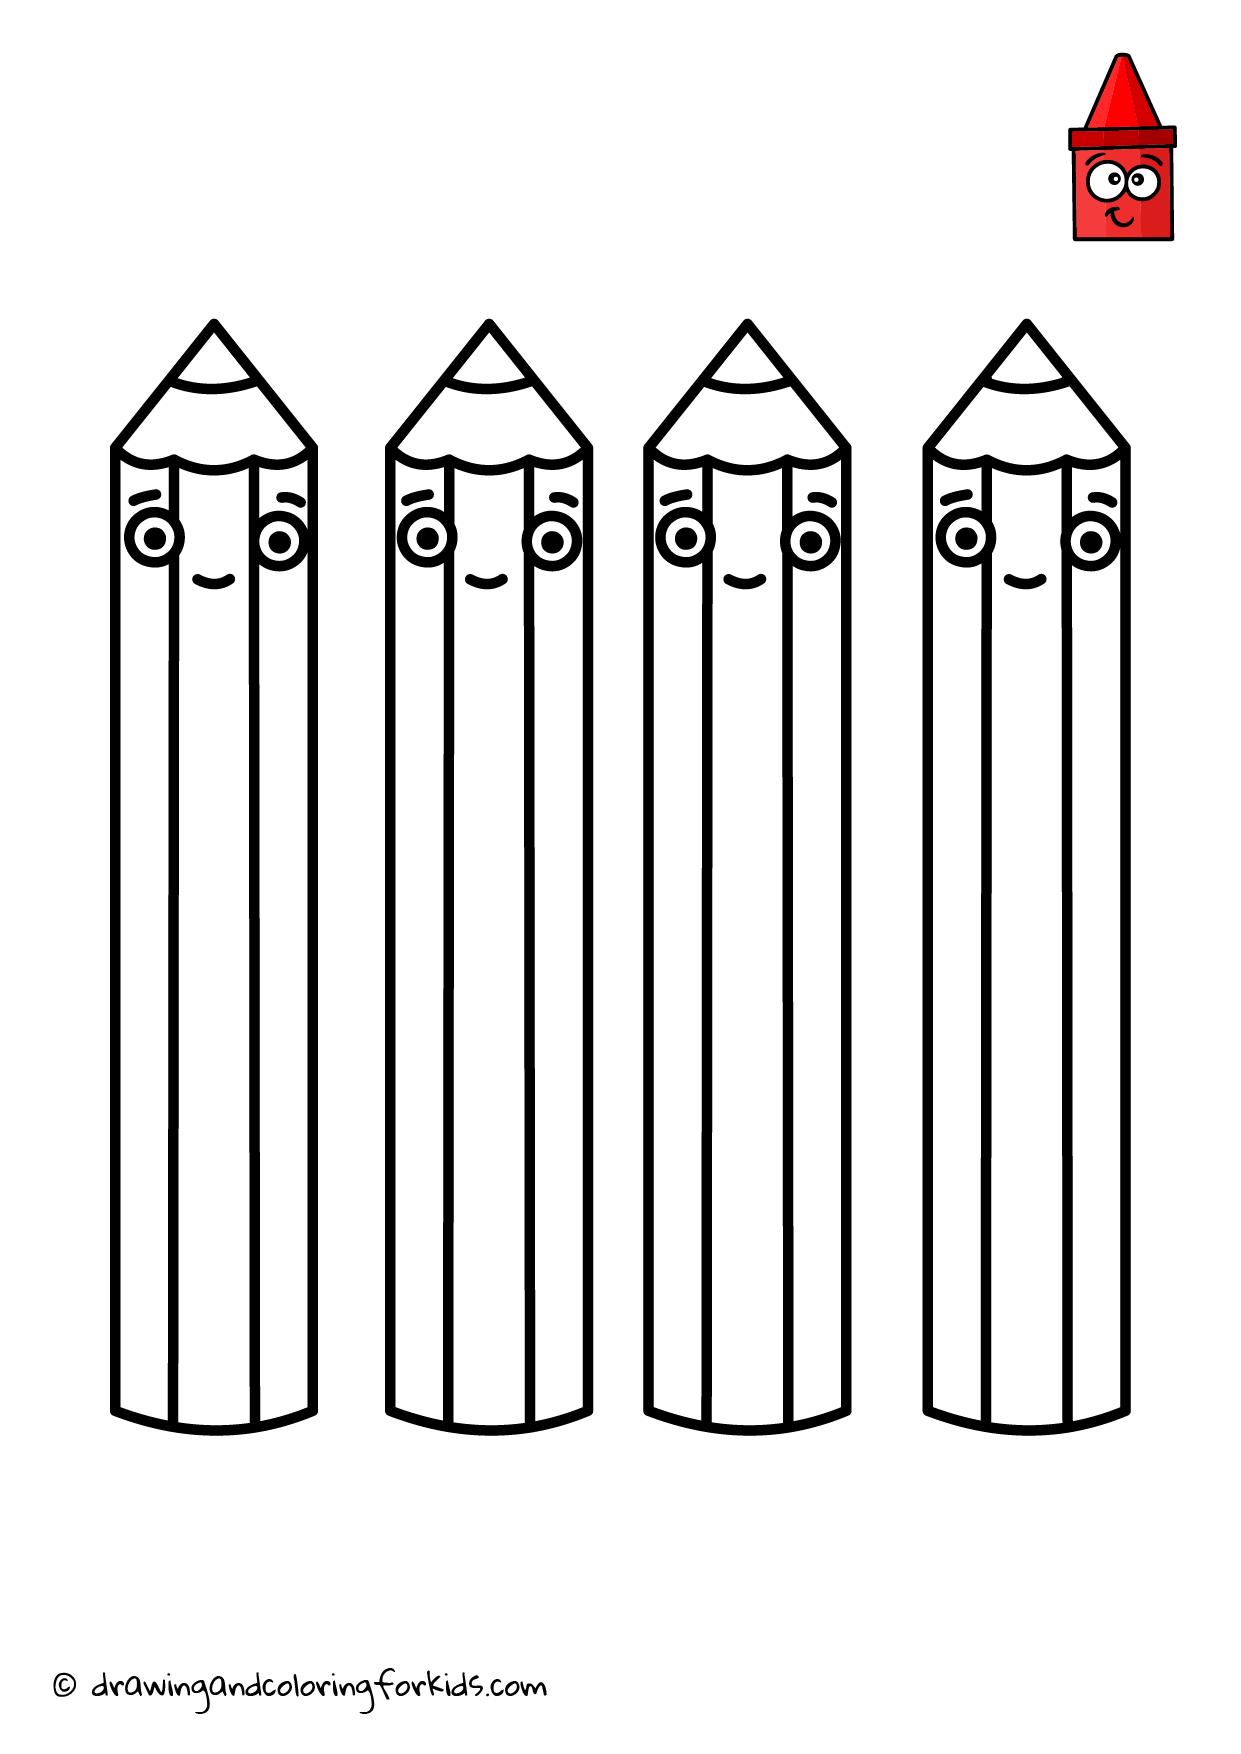 Drawing Crayon